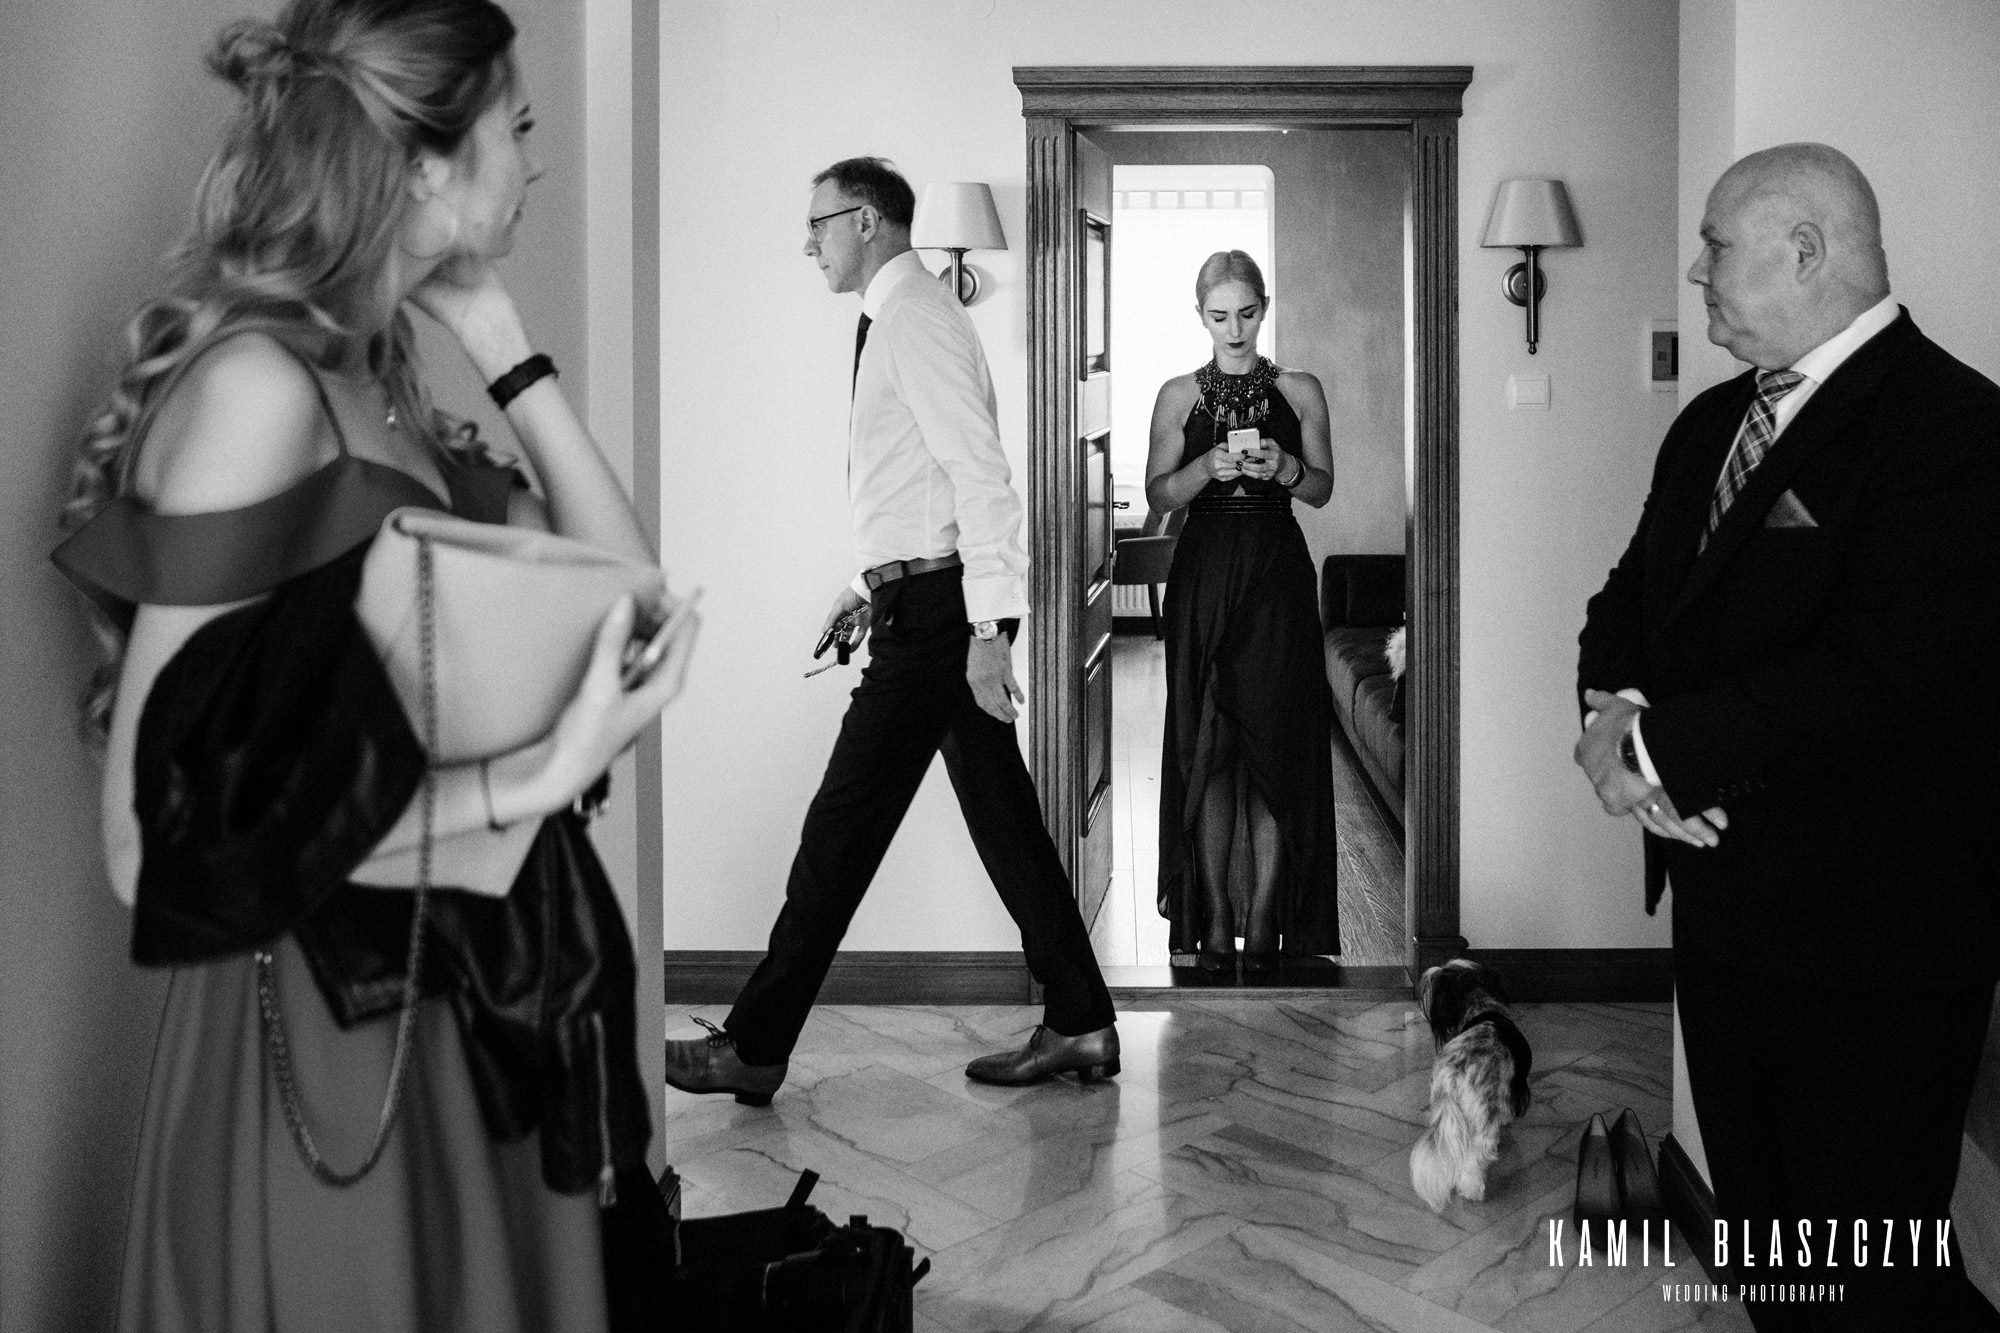 Przygotowania do ślubu Asi i Łukasza - krzątanina podczas przygotowań